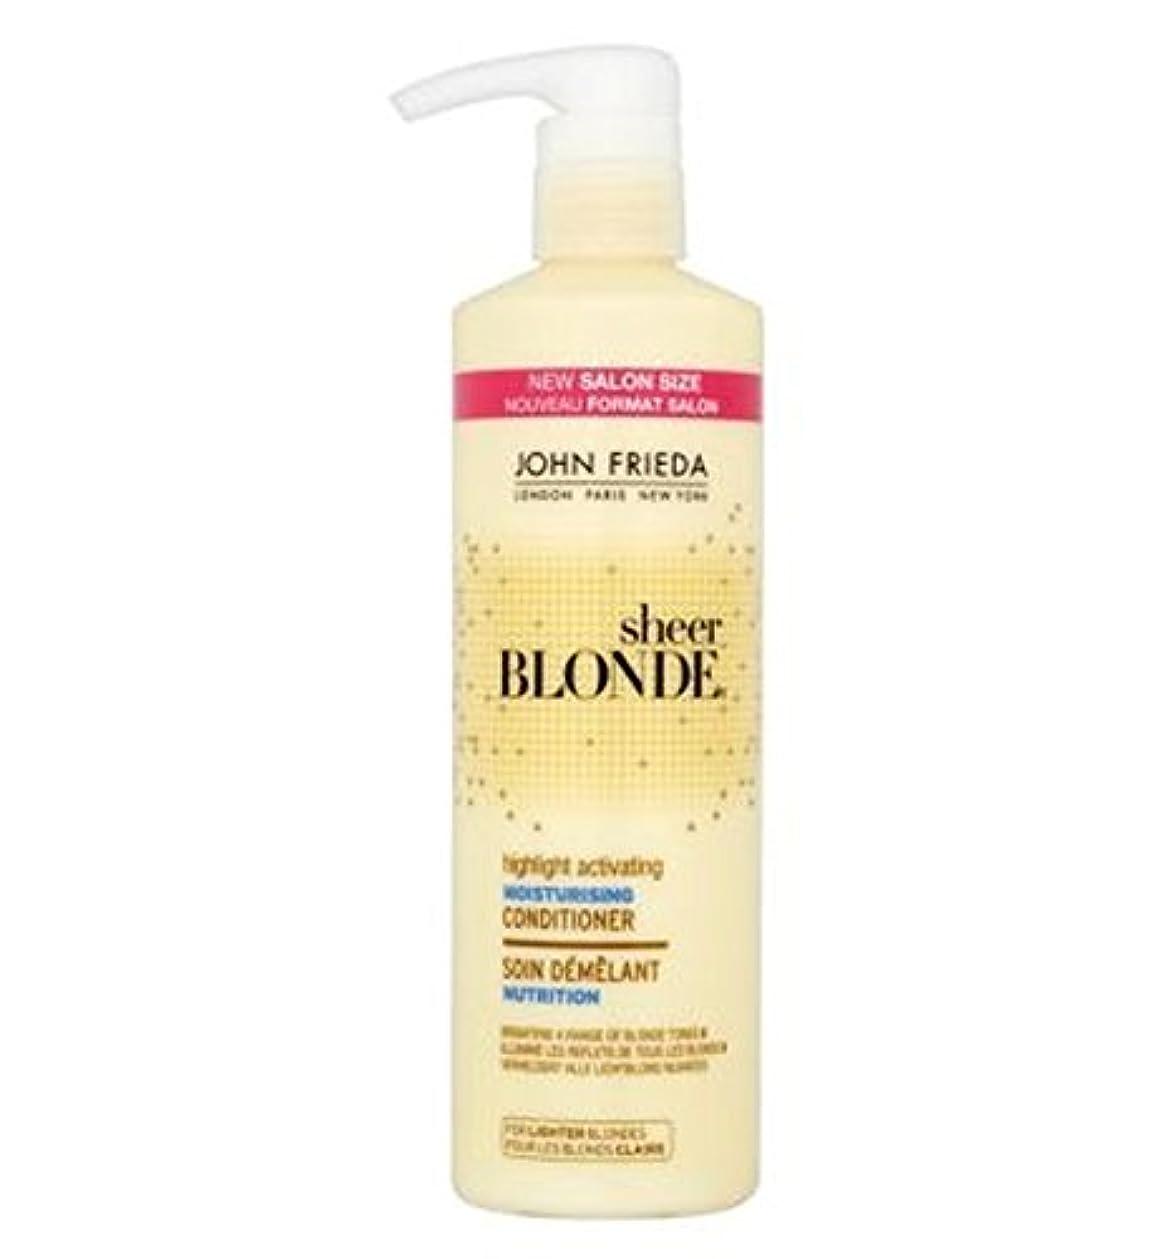 庭園罰排除John Frieda Sheer Blonde Highlight Activating Moisturising Conditioner 500ml - ジョン?フリーダ薄手のブロンドのハイライト活性化保湿コンディショナー...